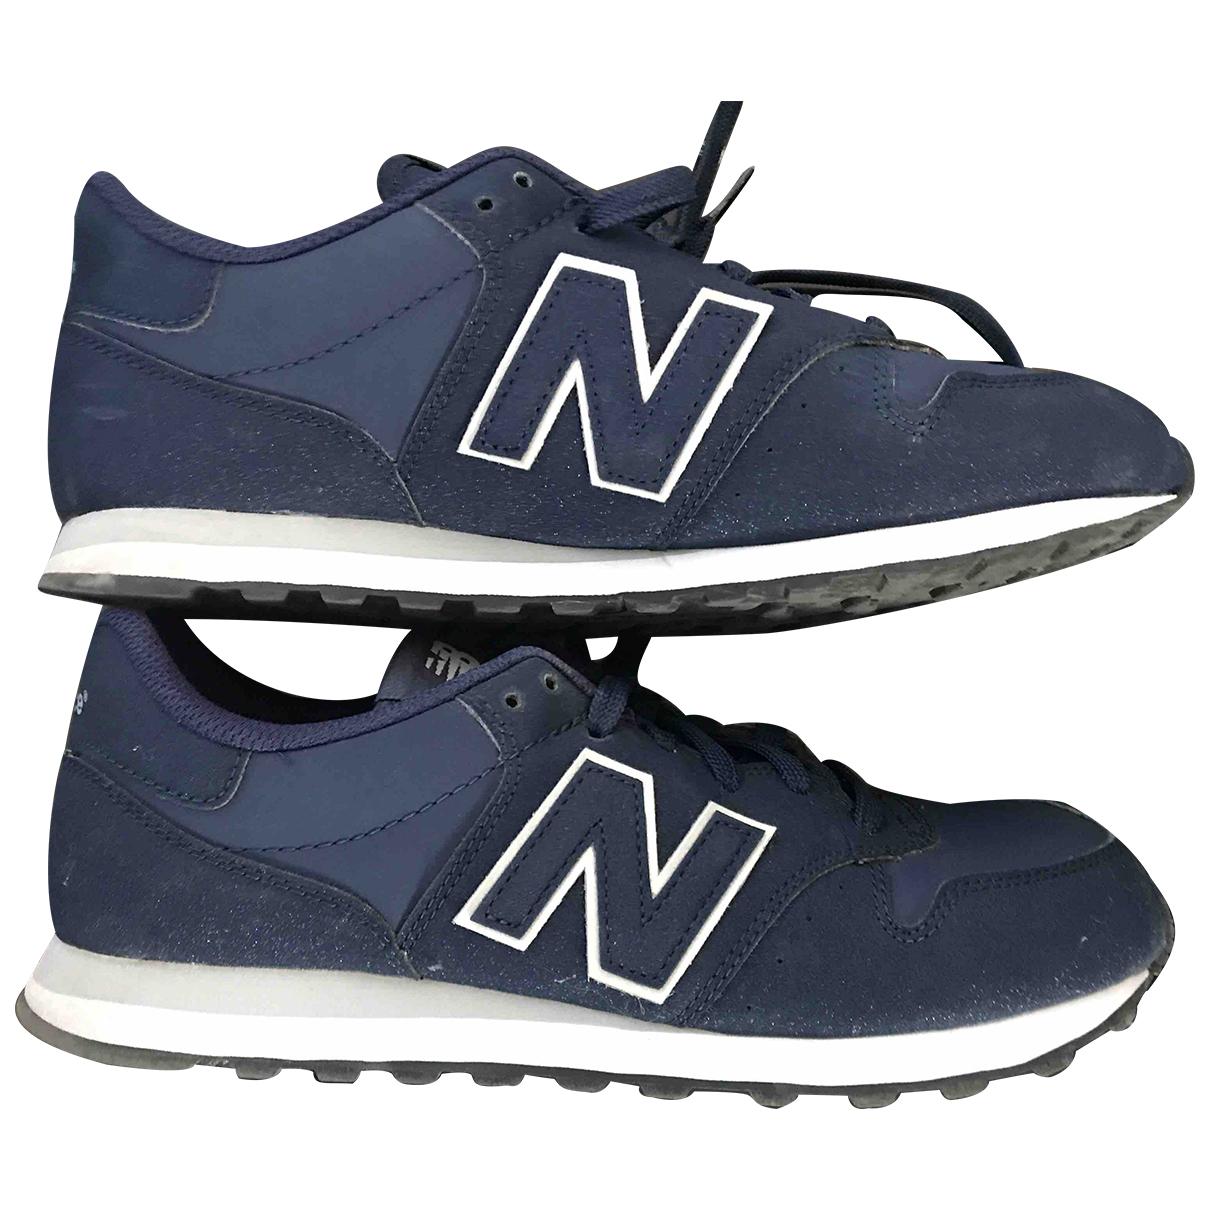 New Balance - Baskets   pour femme en toile - bleu